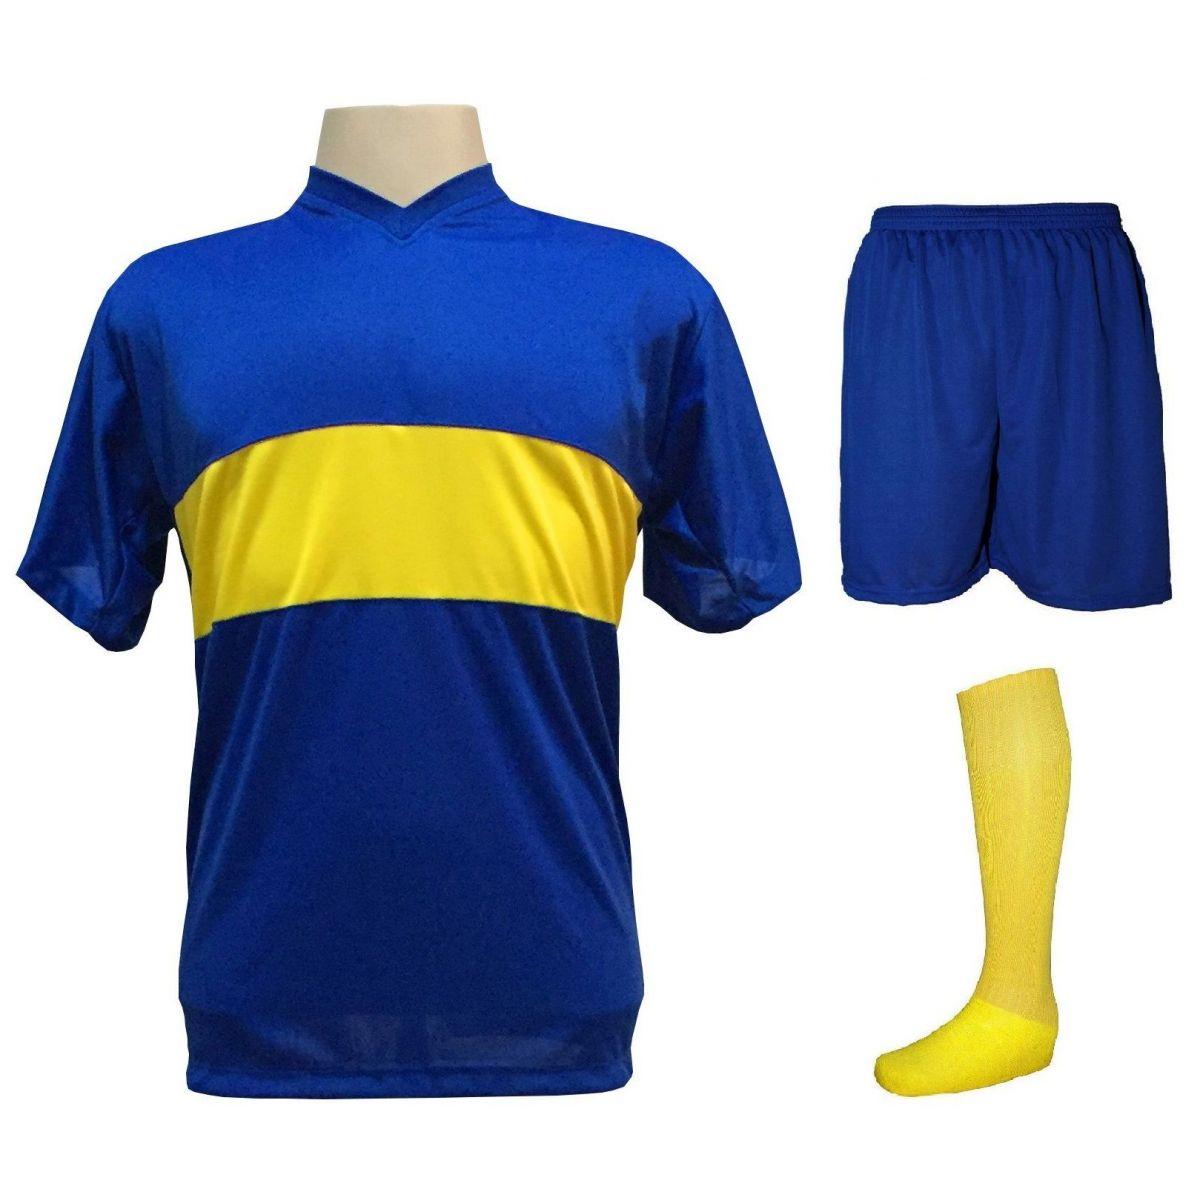 Uniforme Esportivo com 14 camisas modelo Boca Juniors Royal Amarelo + 14  calções modelo Madrid ... 81fdb6e38df47